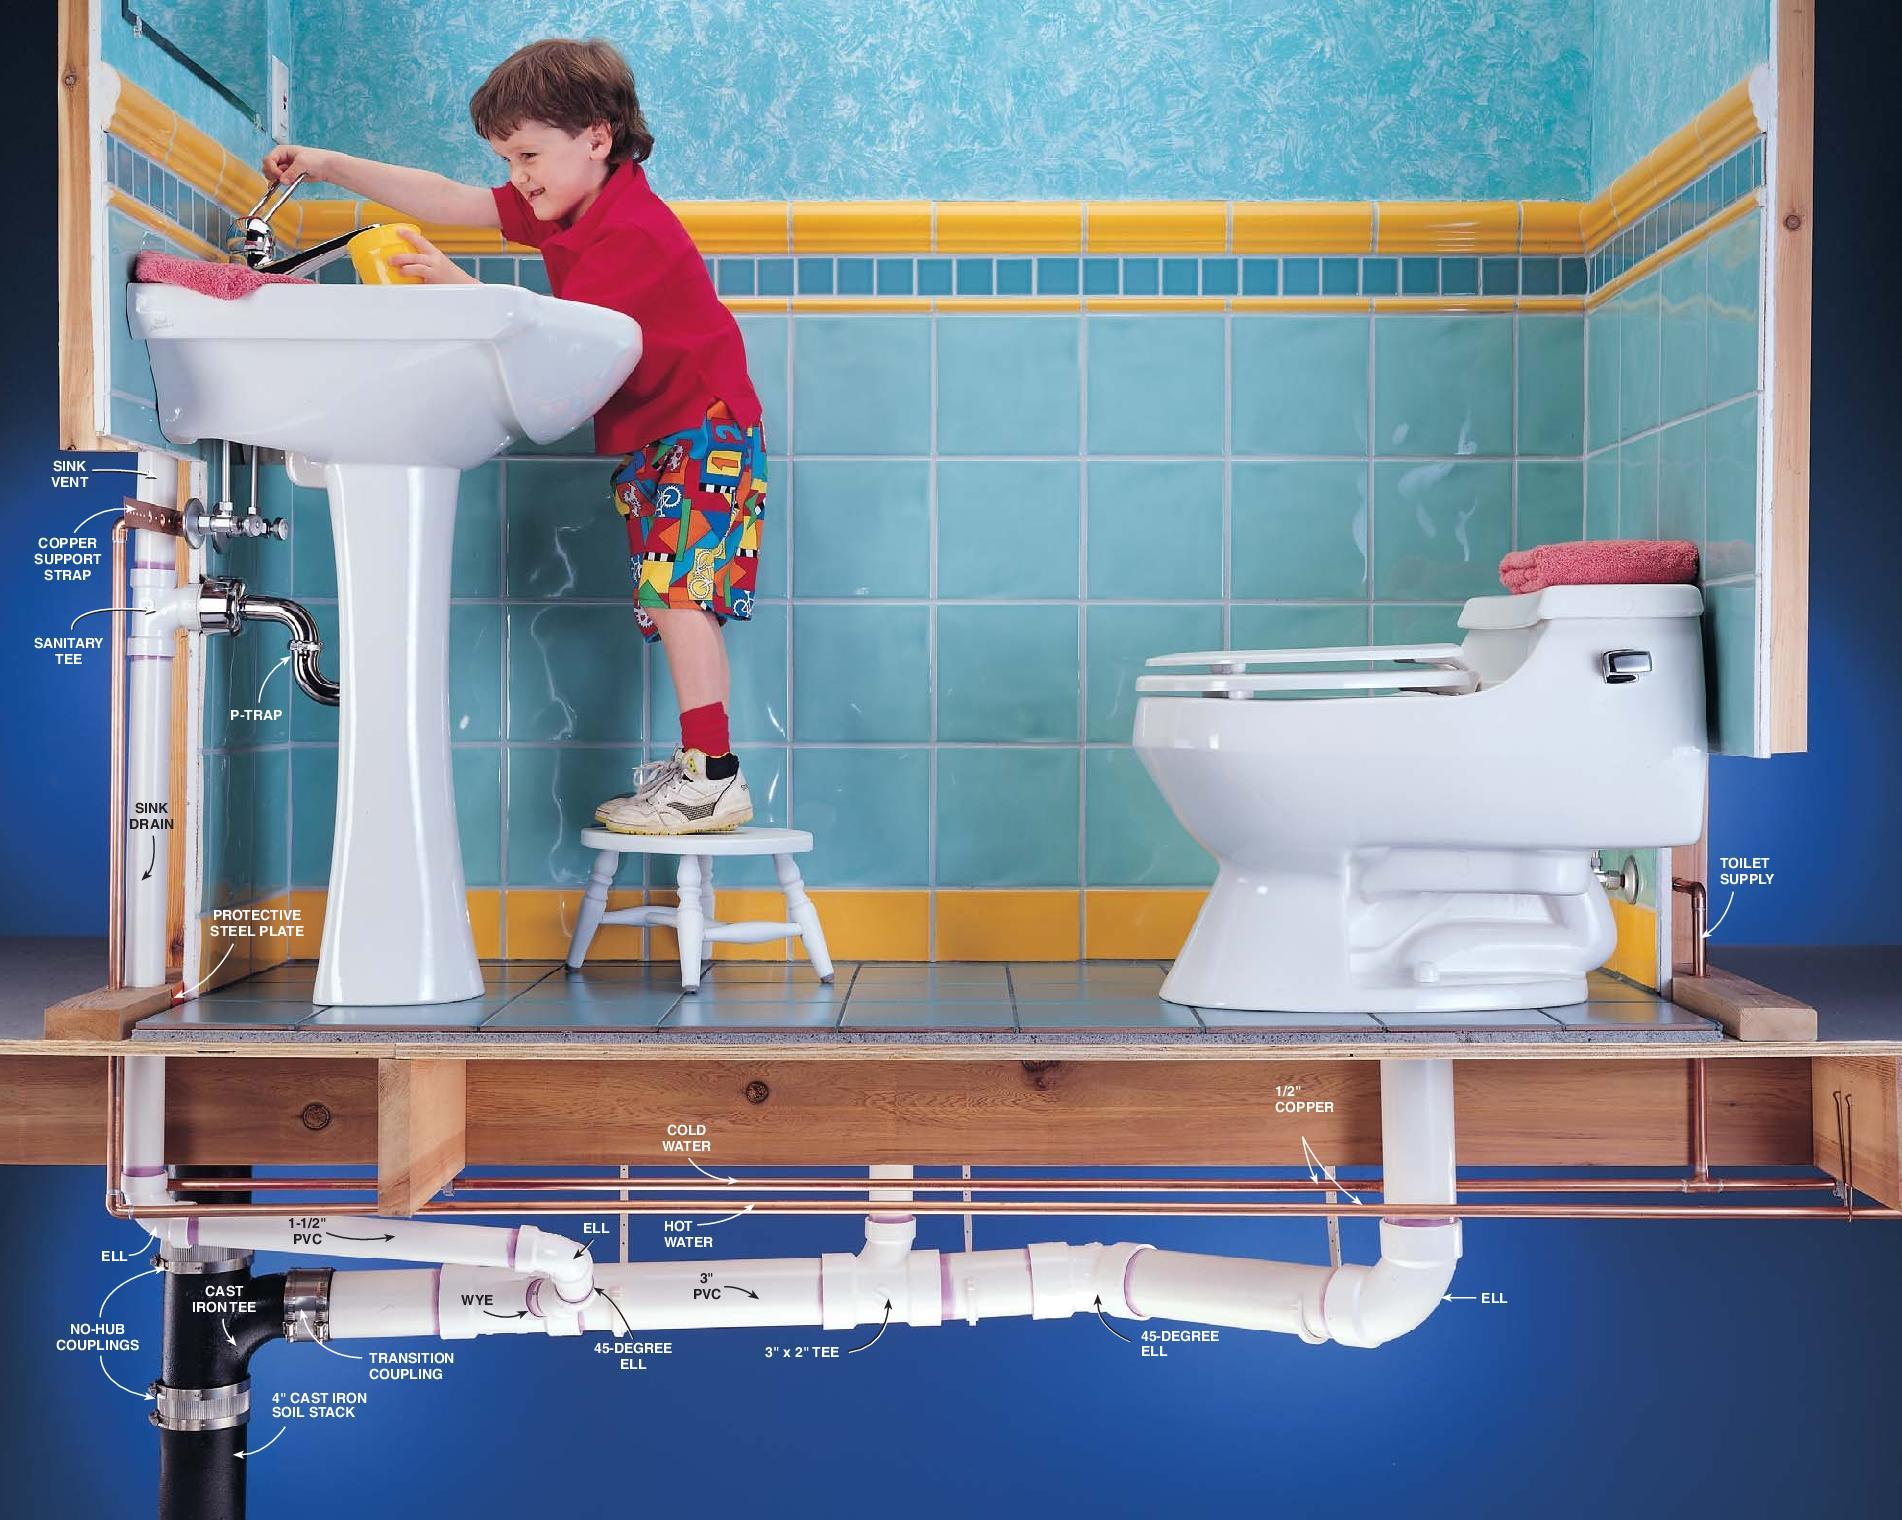 Plumbing Stock